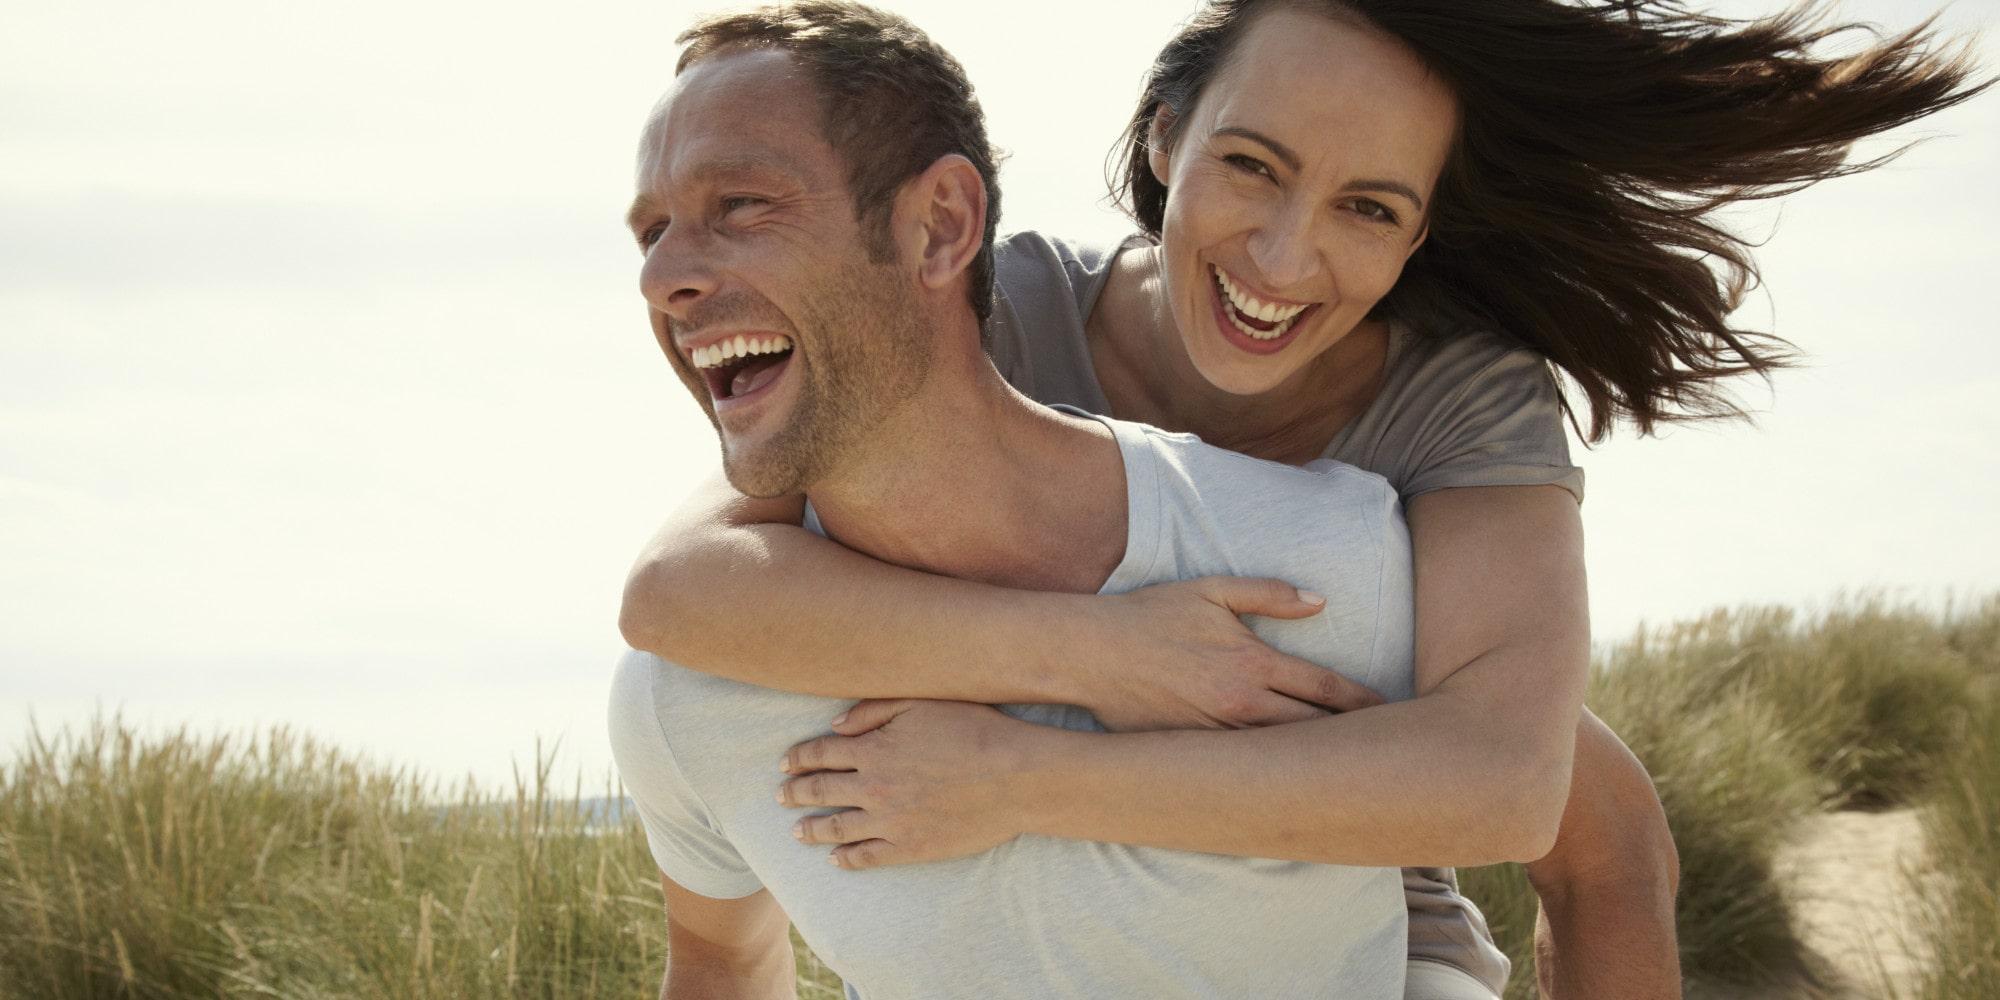 مفید بودن بچگانه حرف زدن زوج ها